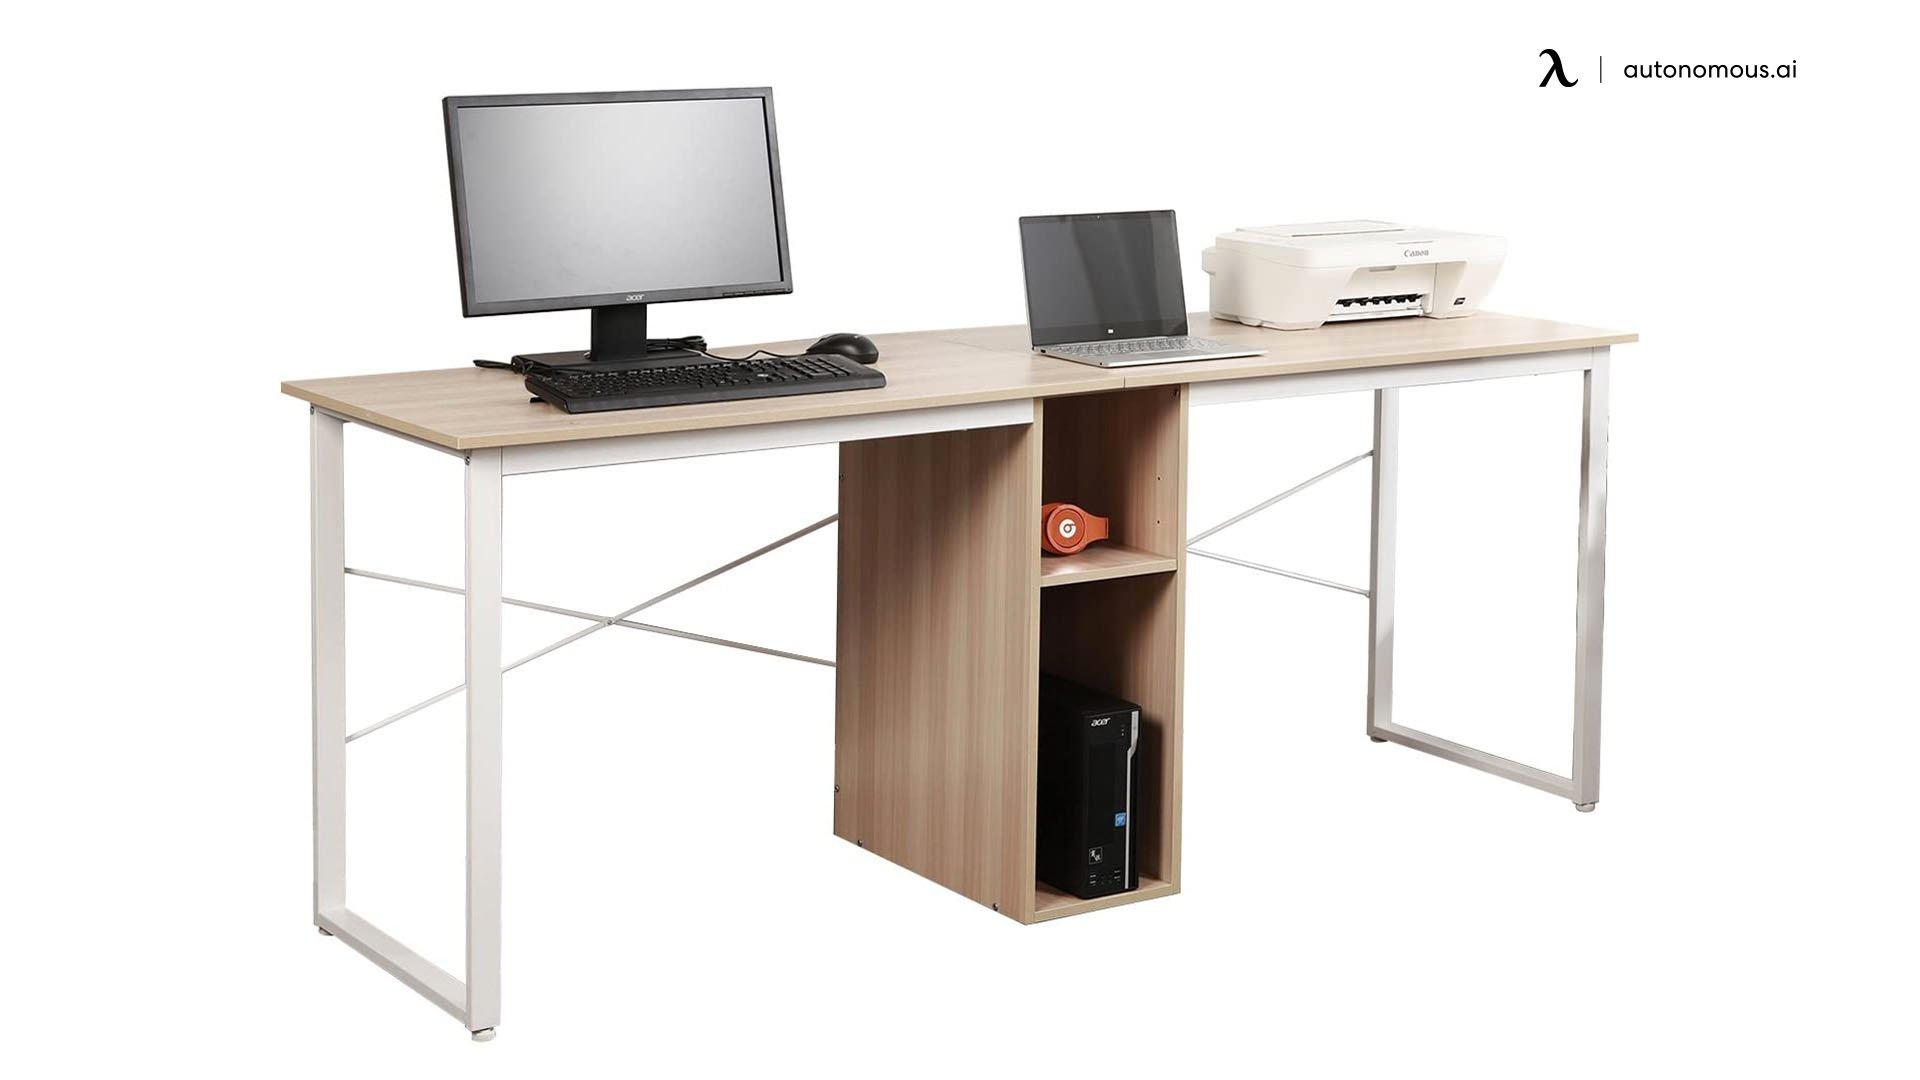 SogesHome 2-Person Computer Desk